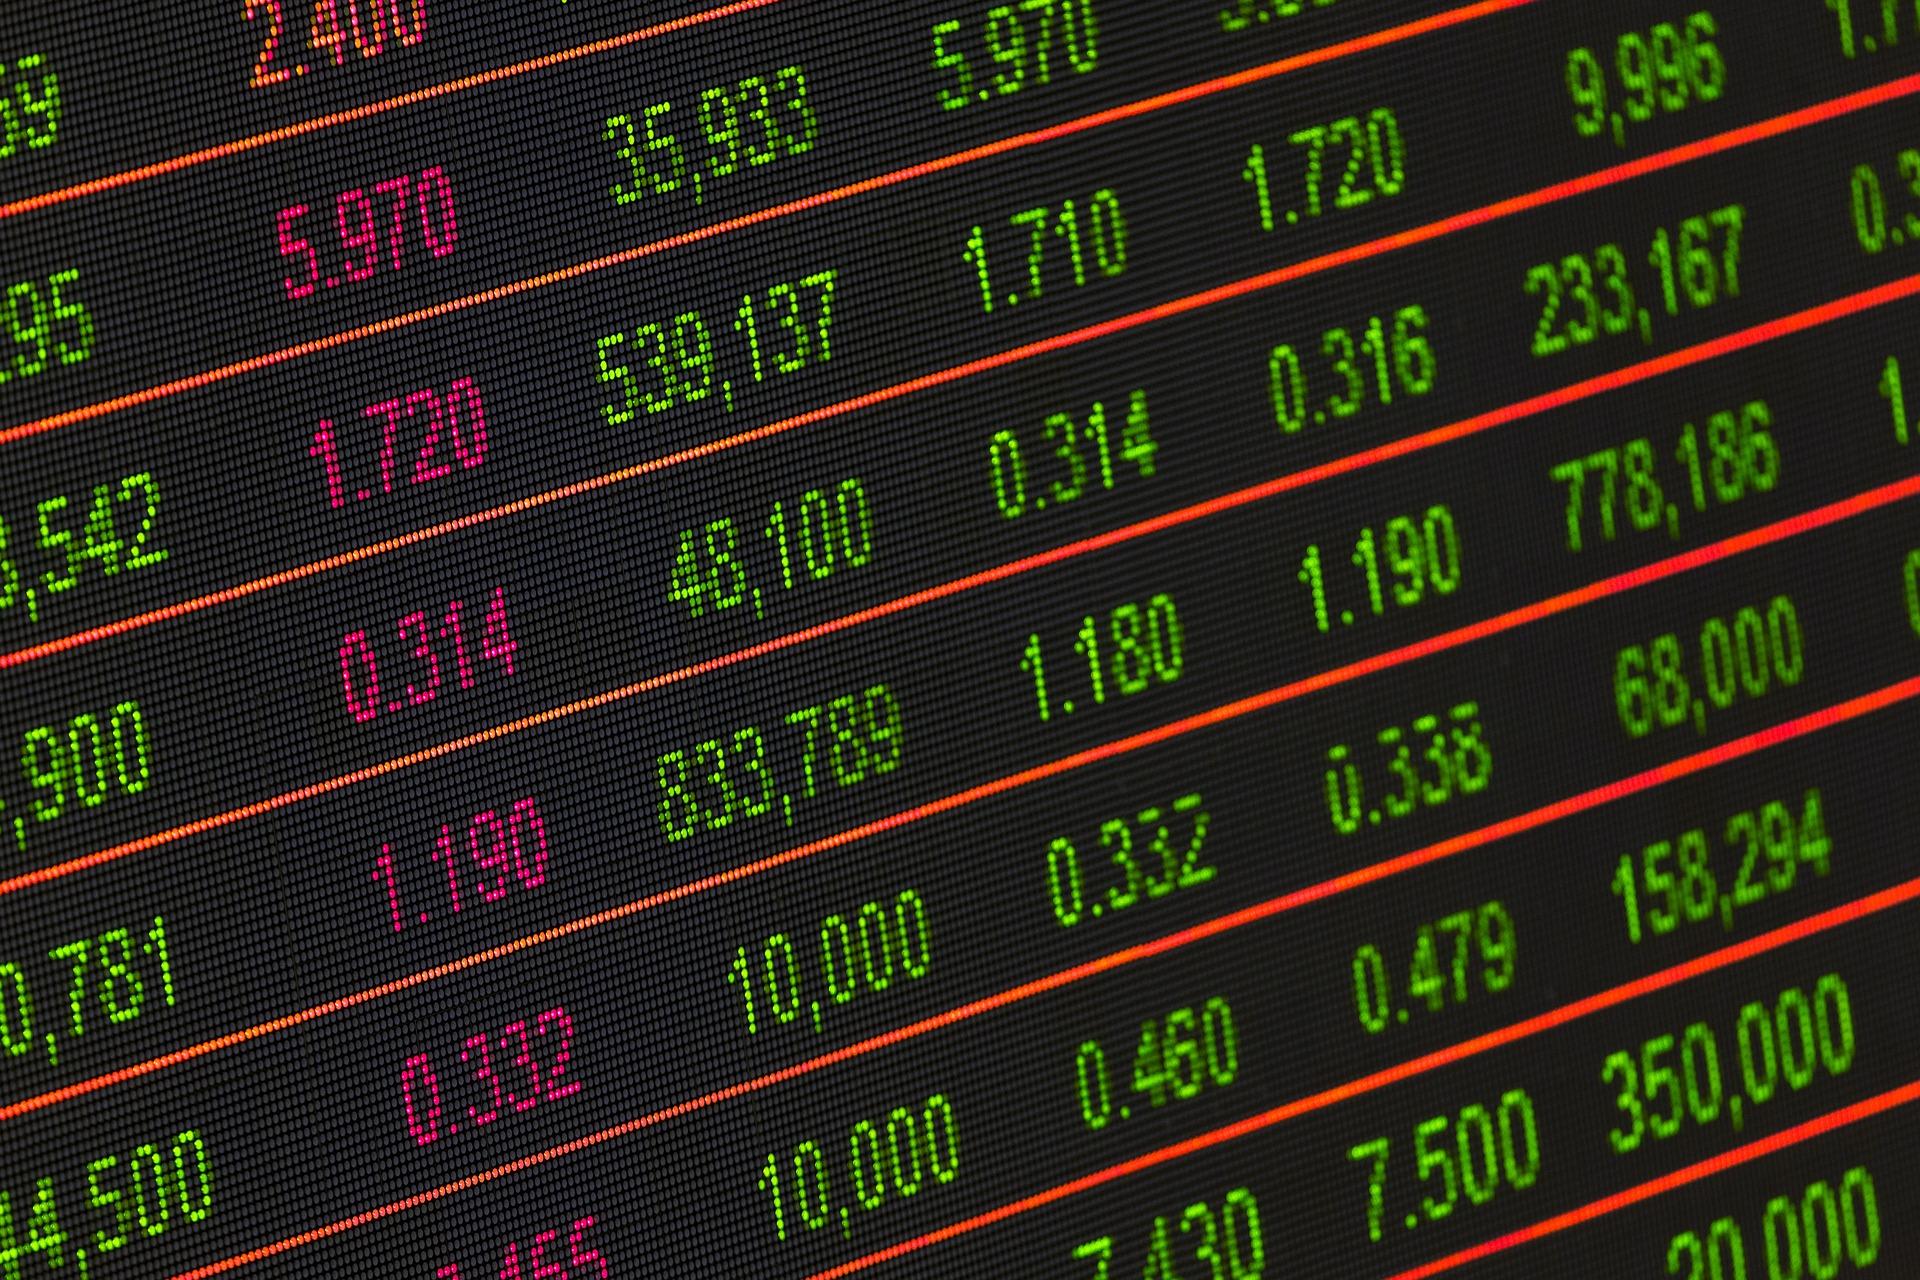 【前代未聞の相場】明らかに株価は割高に見えるけど、もしかしたら超バブル相場のスタート地点かも。